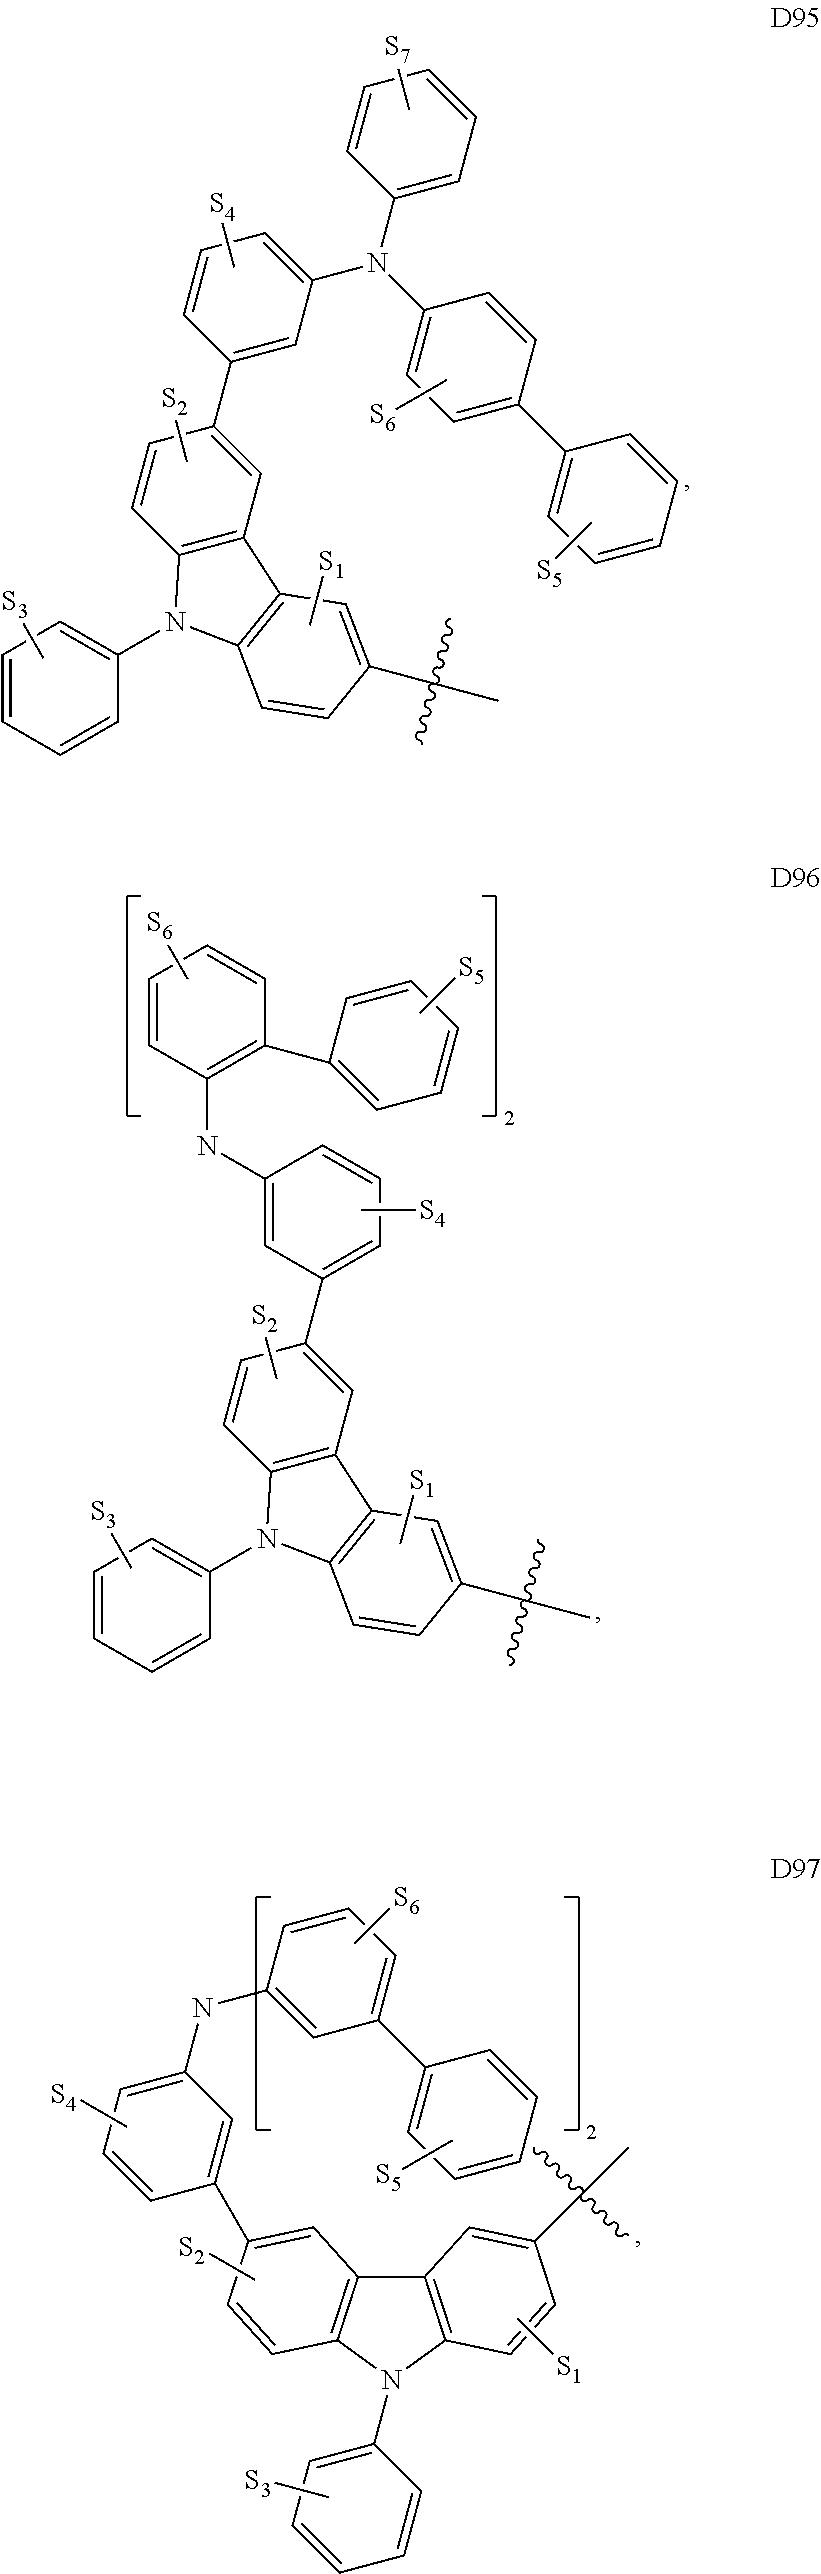 Figure US09324949-20160426-C00076